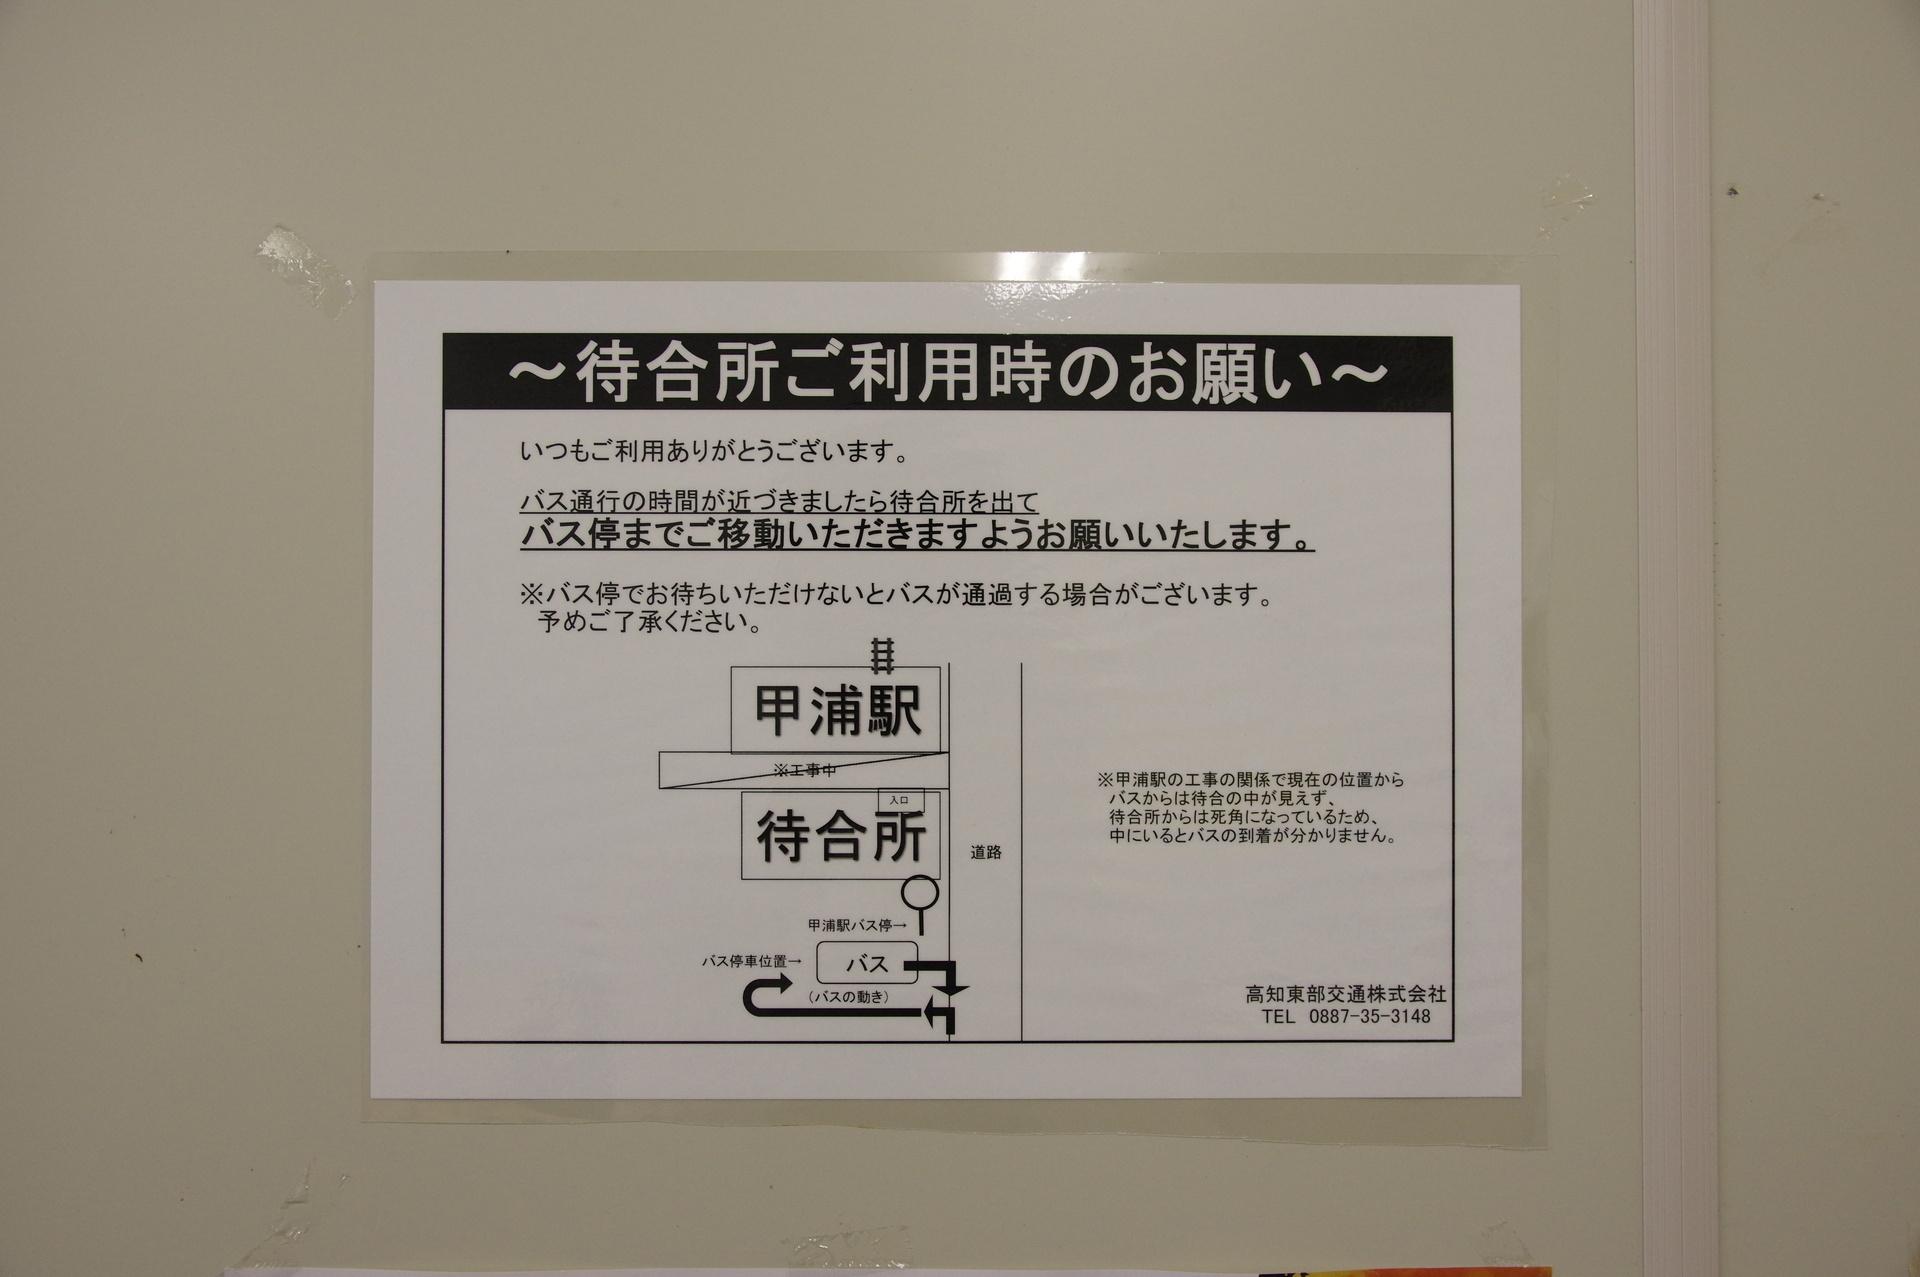 「待合所ご利用時のお願い」の張り紙